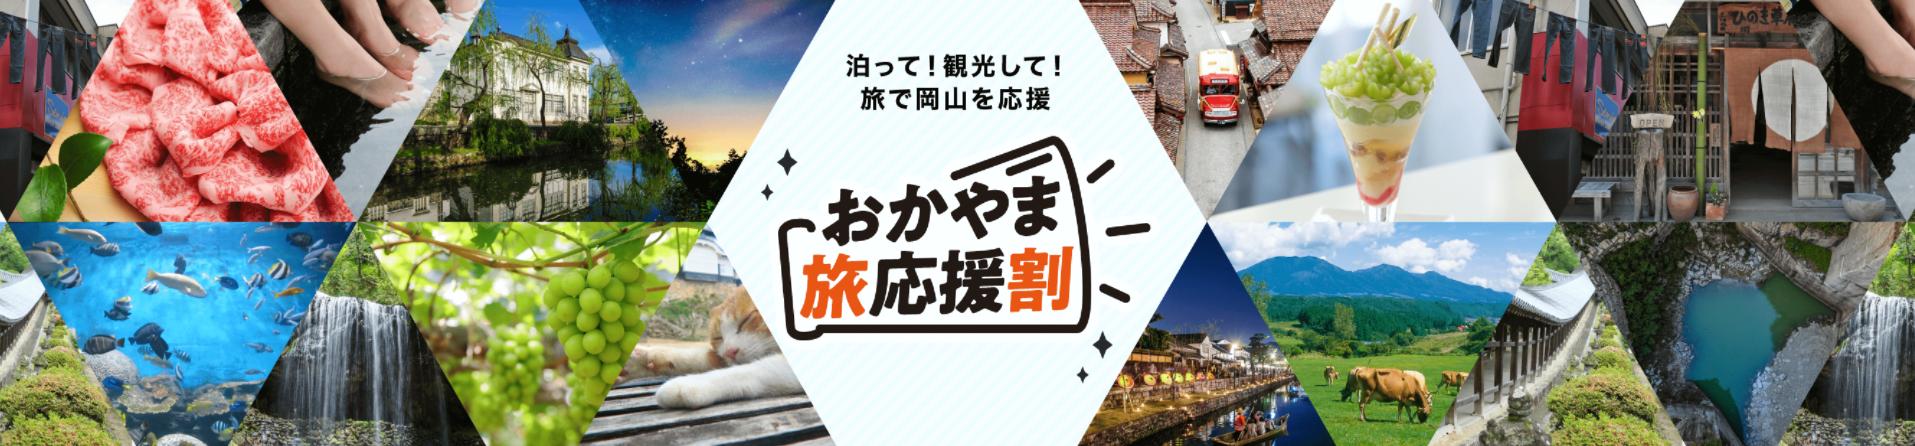 おかやま旅応援割-岡山県民割-は、岡山県内限定の宿泊割引クーポンなど地域観光事業支援です。